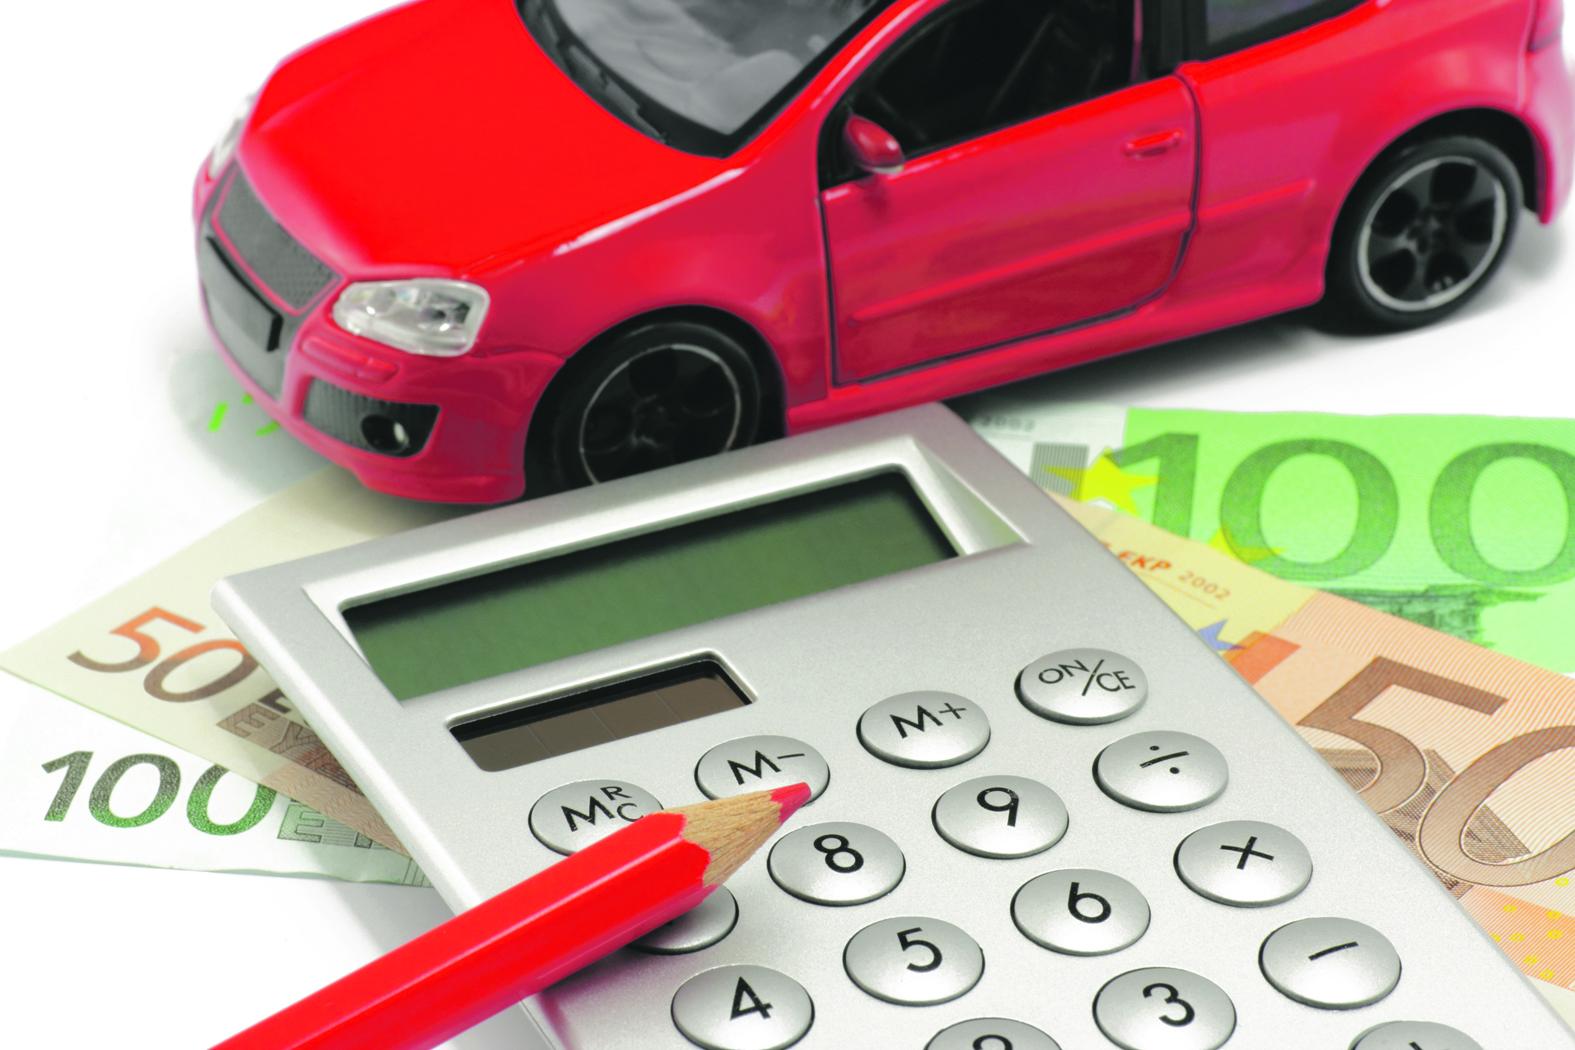 Какие машины не облагаются транспортным налогом 2017 оказались все